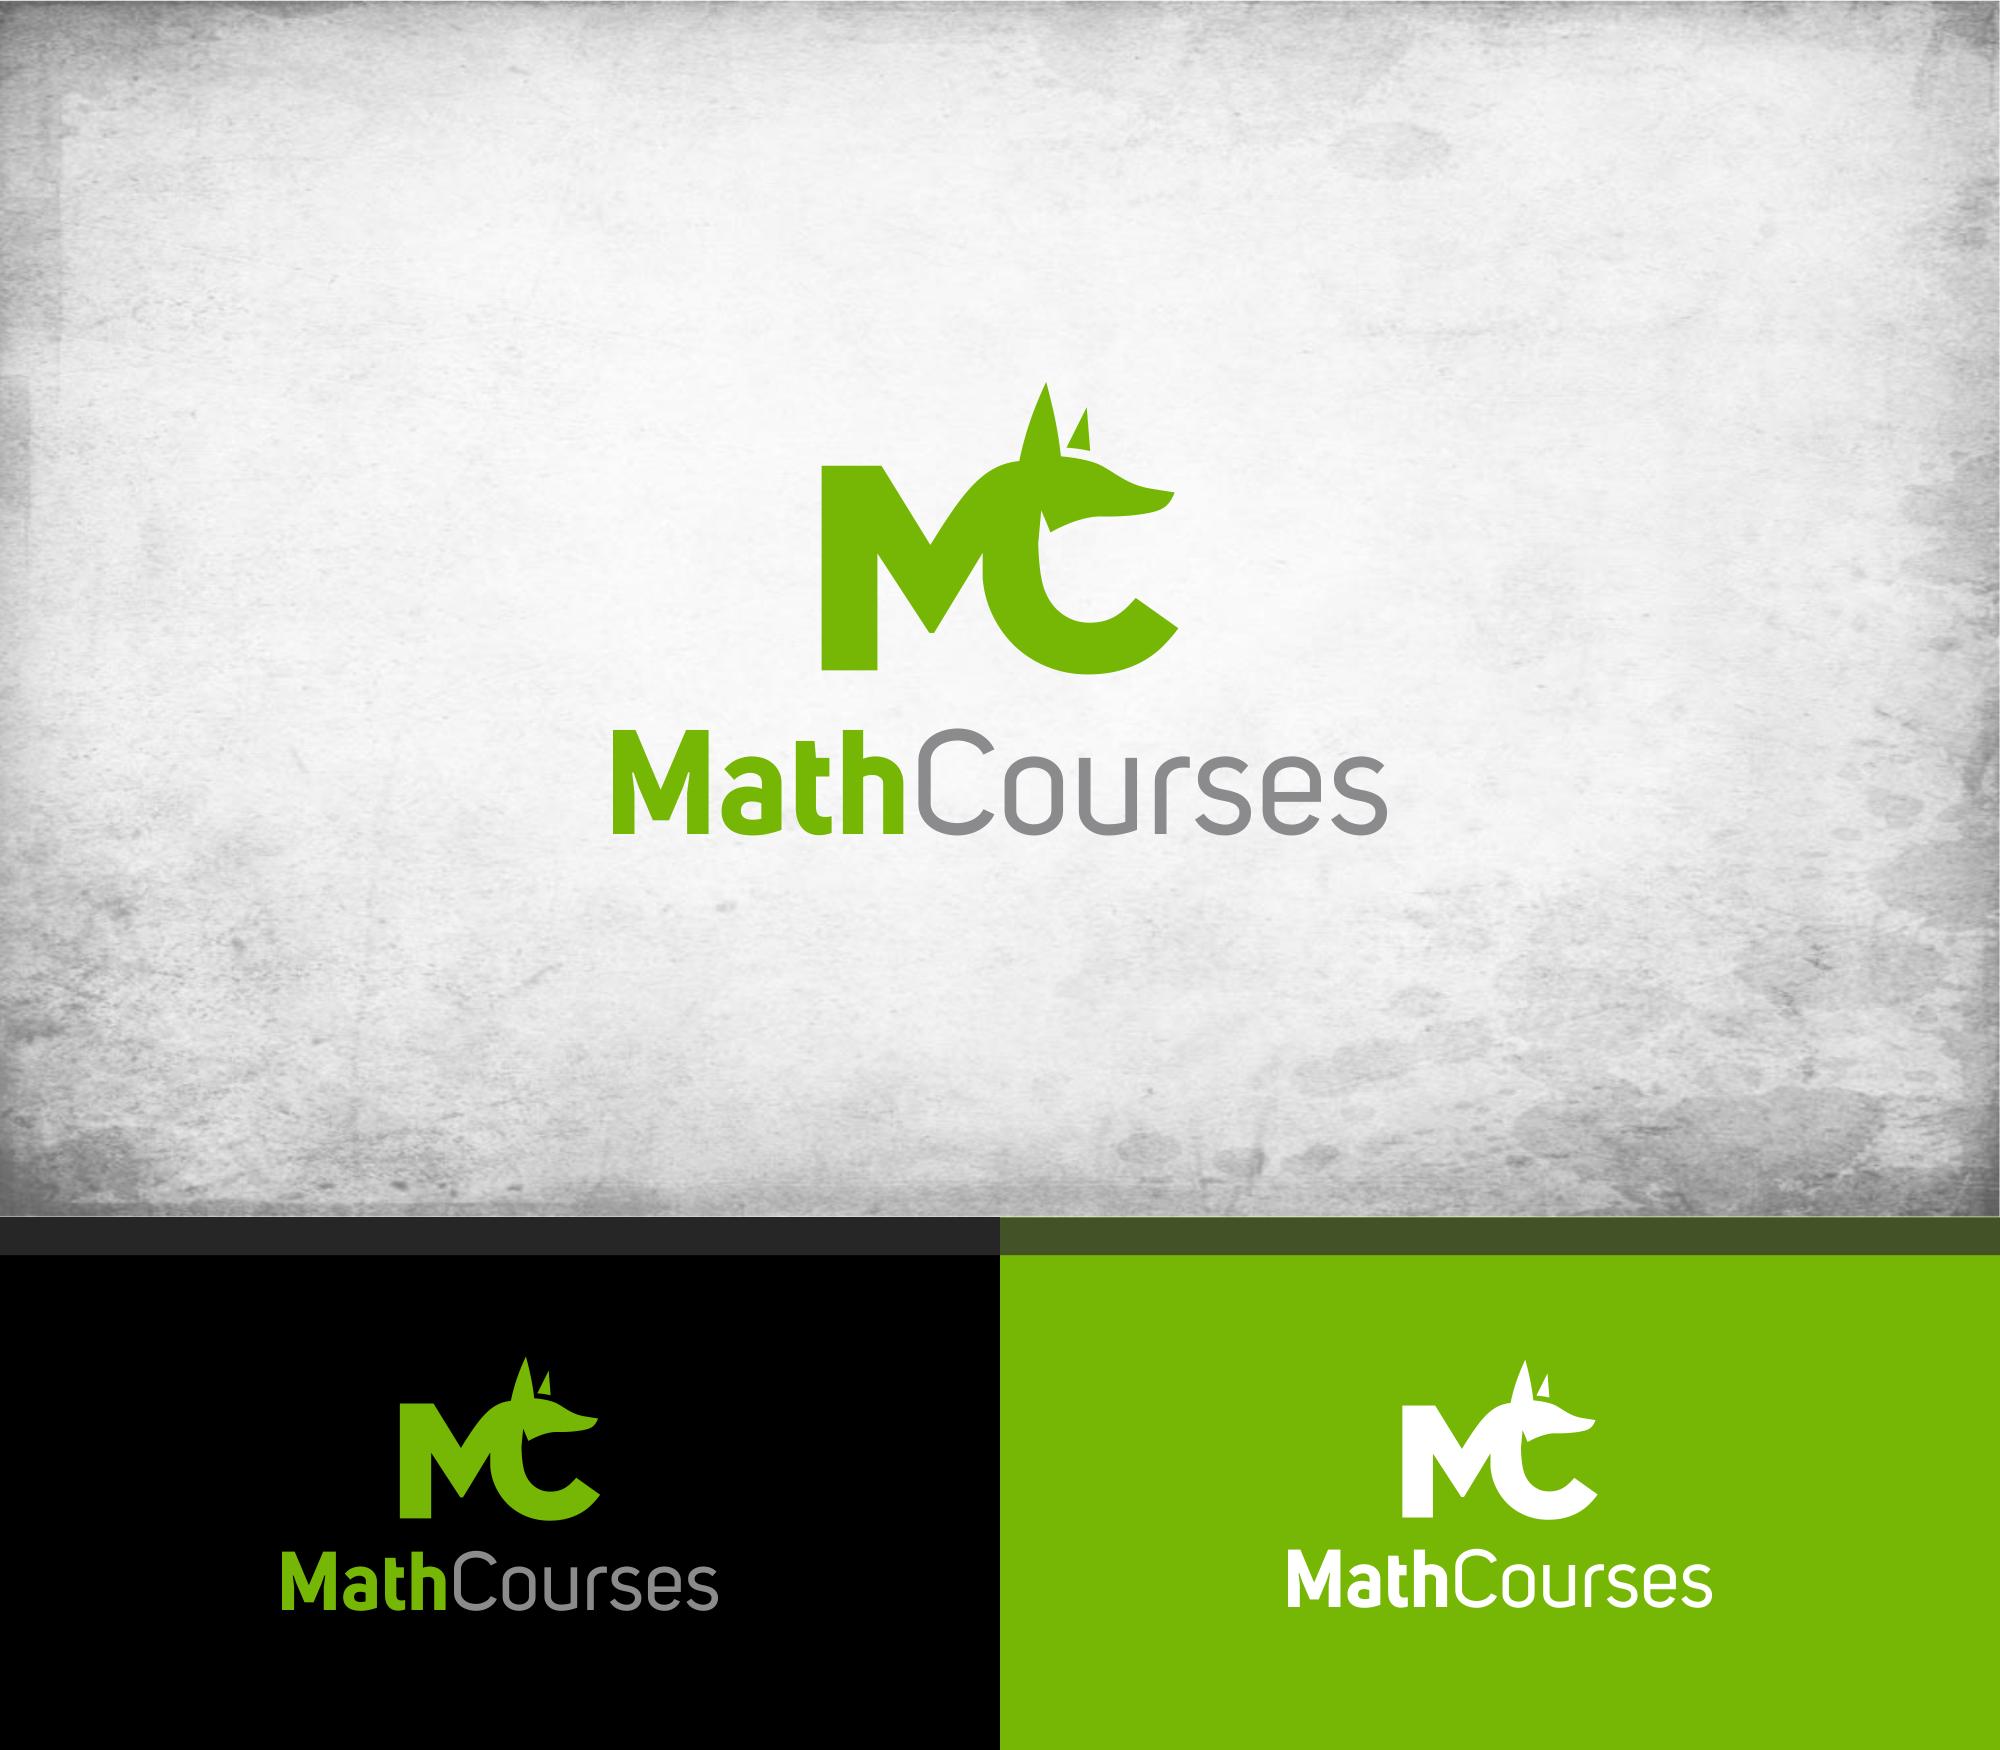 MathCourses - Vorbereitungskurse für Prüfungen und Weiterbildungen mit mathematischem Inhalt sucht Logo